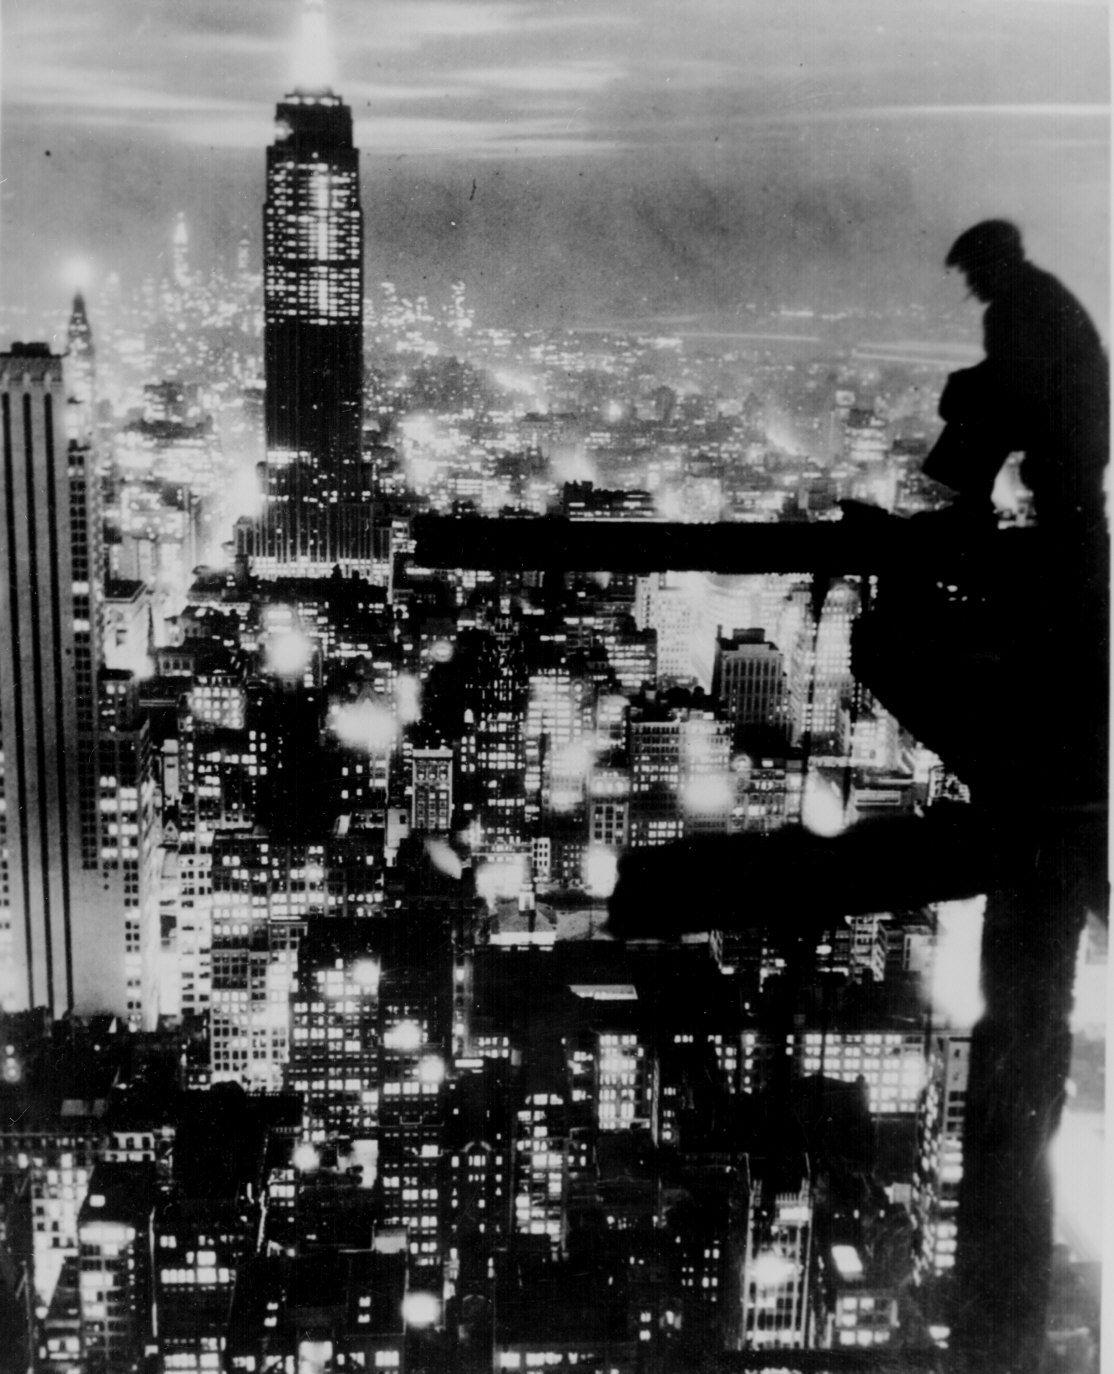 New York City, 1935 via Wikimedia Commons, Public Domain